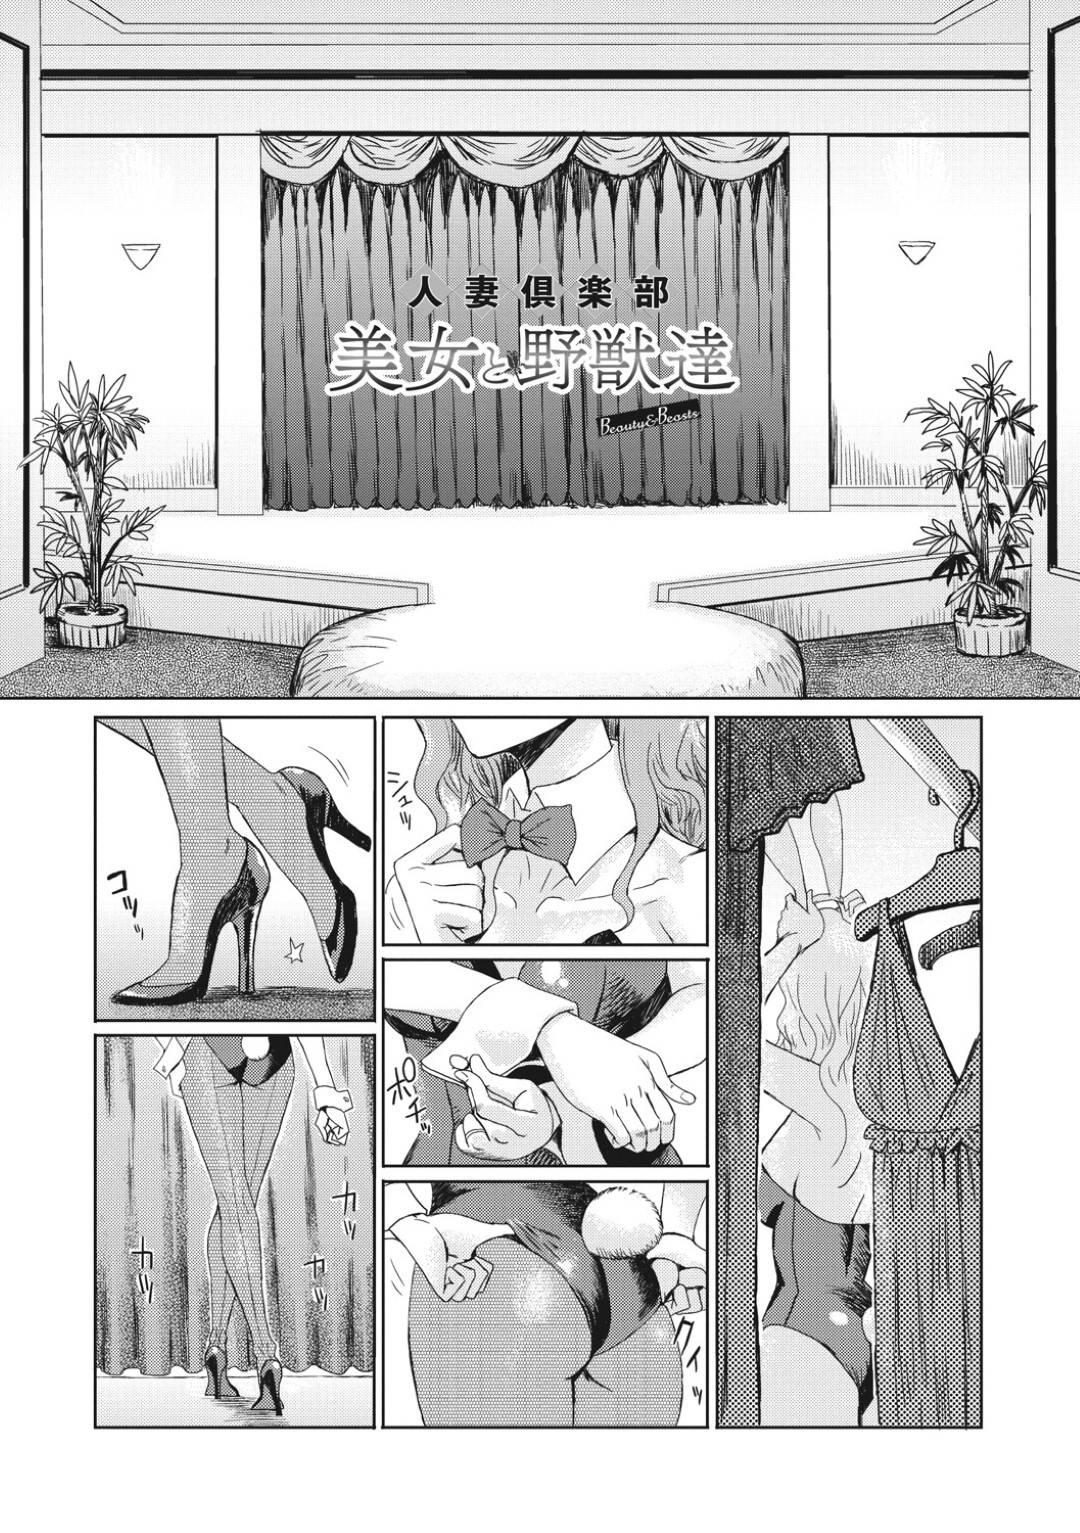 【エロ漫画】人妻倶楽部のショータイムが始まりバニー姿で客の前に現れる人妻風俗嬢…目隠しした状態で客のチンポを当てるクイズを行い連続で正解していく!【黒岩瑪瑙】